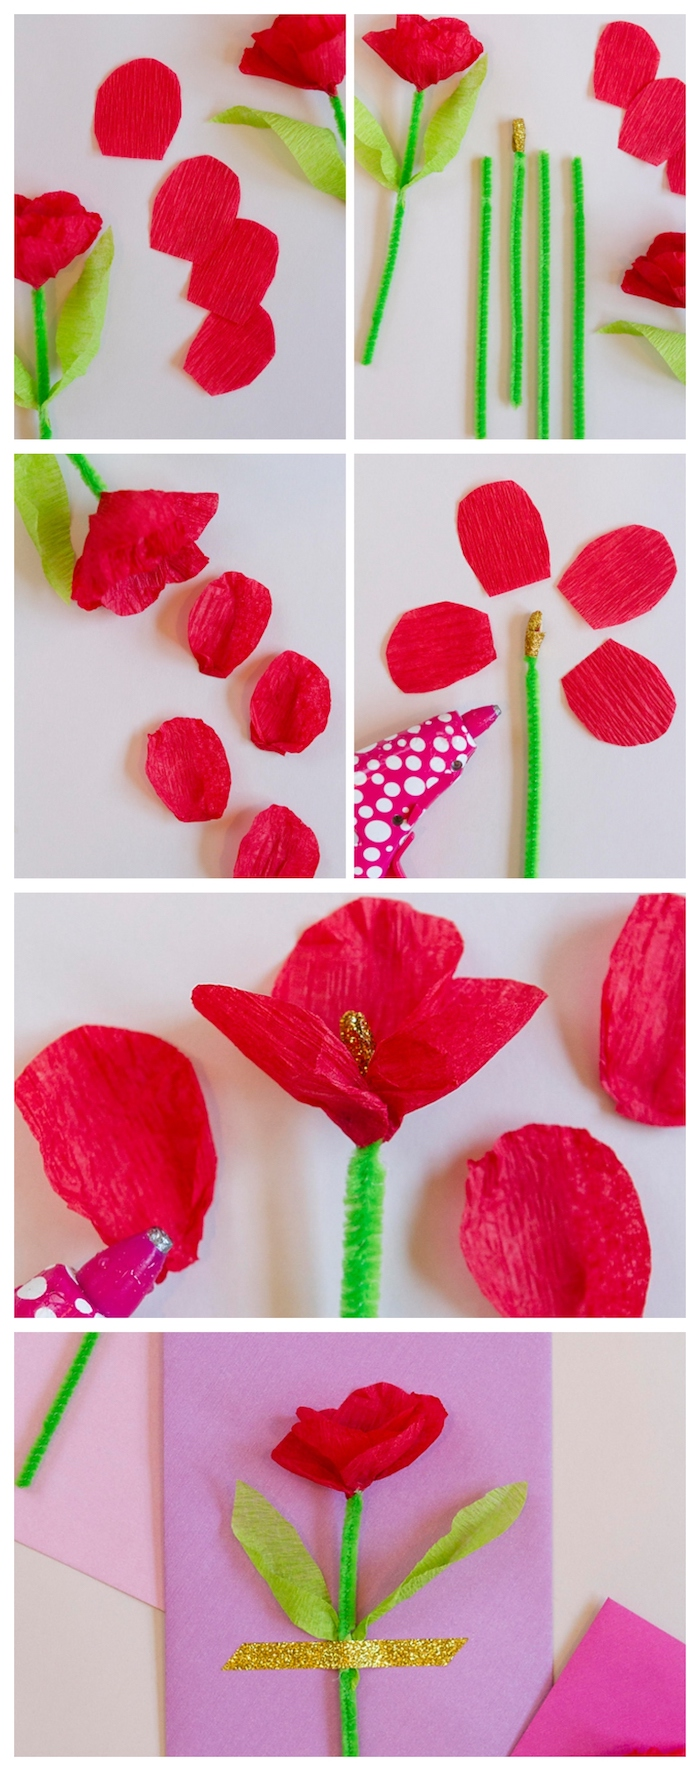 comment faire une carte fete des meres simple en fleur de papier crepon rouge sur tige verte en cure-pipe attachée avec bande adhestive pailletée